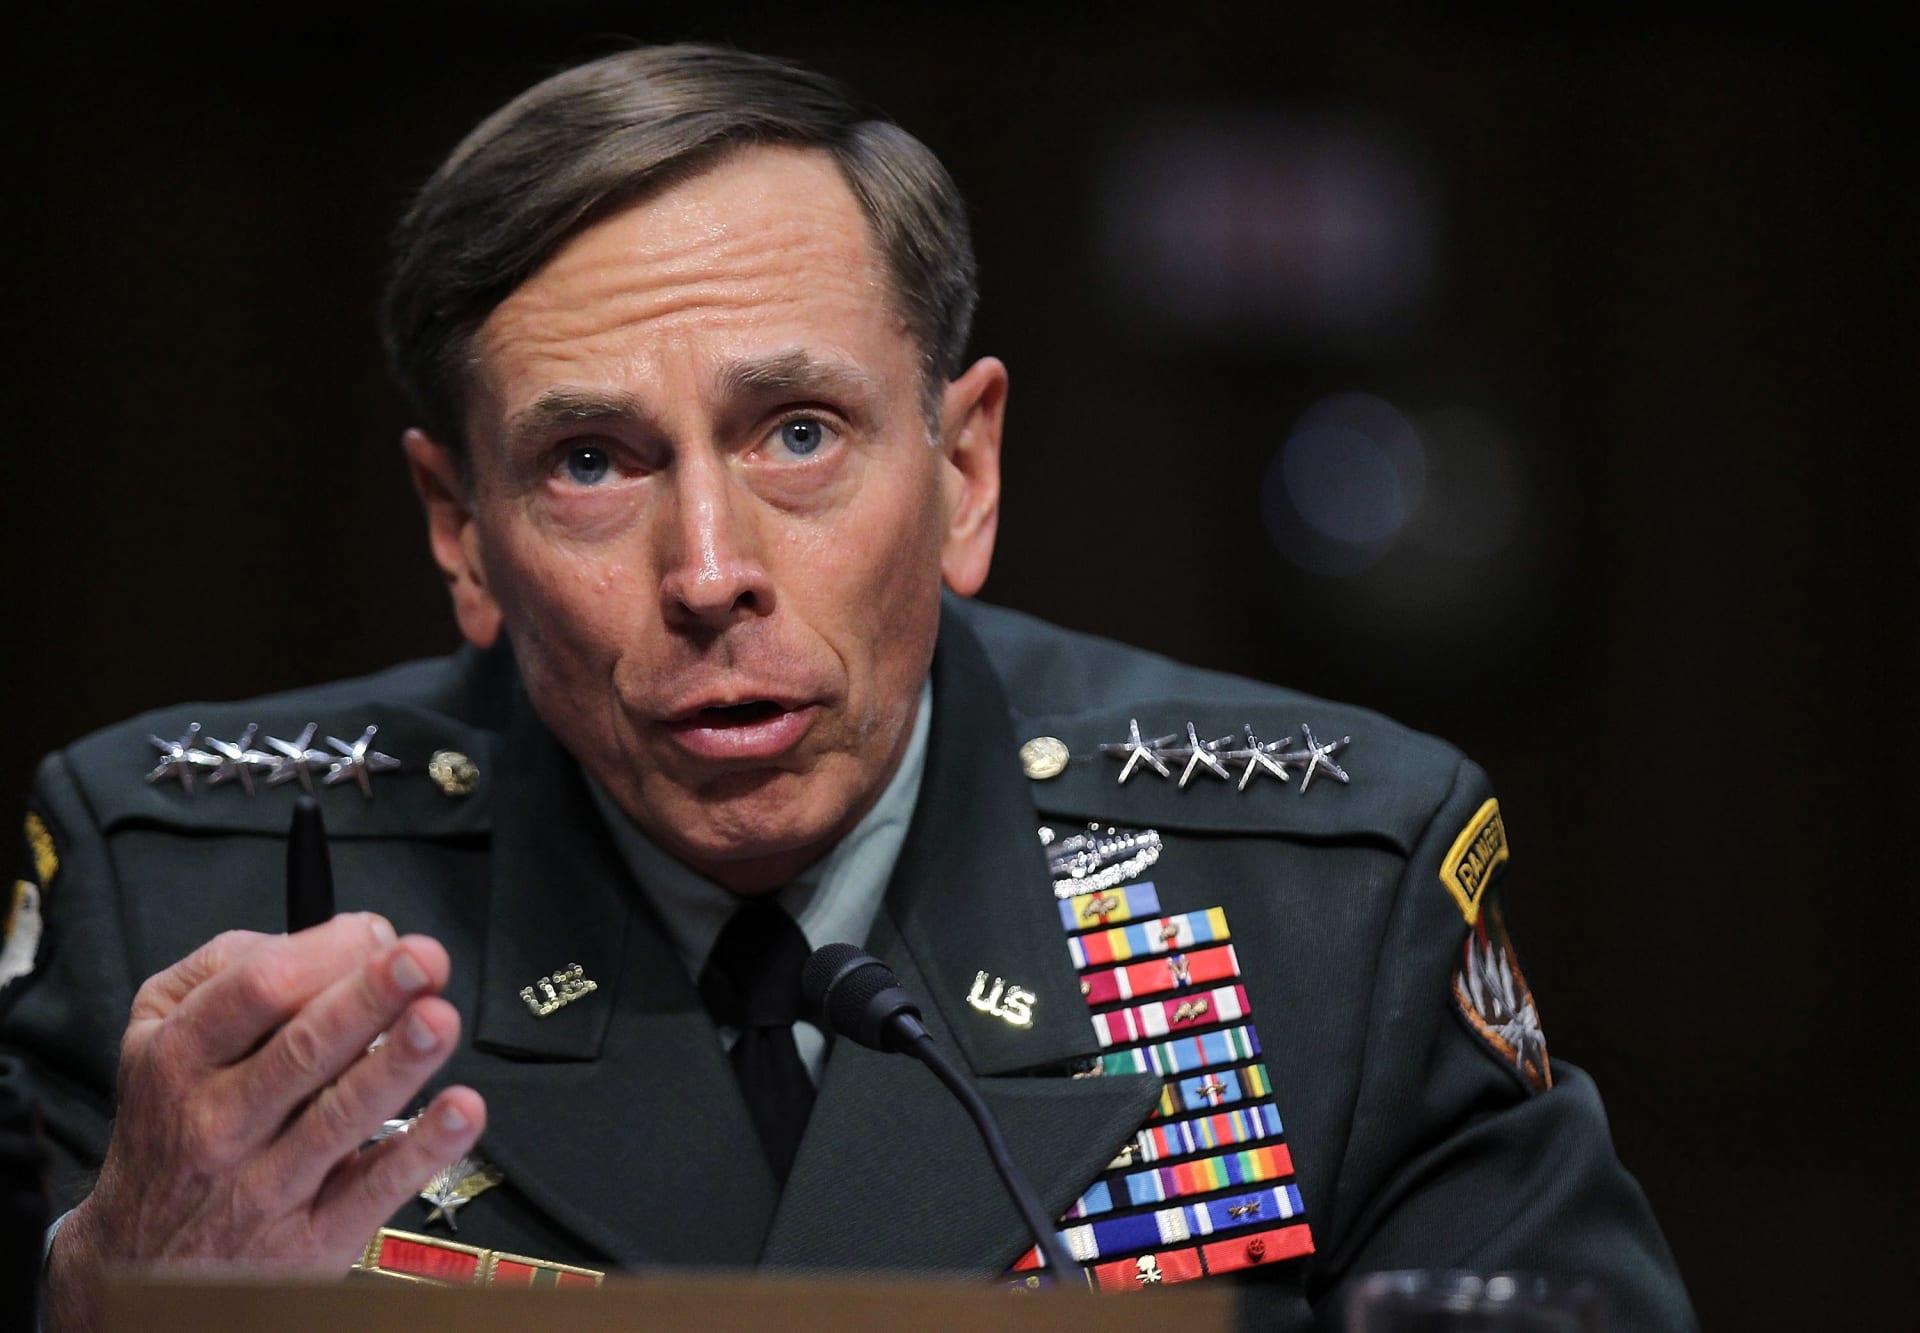 وزير الدفاع الأمريكي يقرر عدم اتخاذ أي إجراءات إضافية ضد الجنرال بتريوس بعد فضيحة جنسية